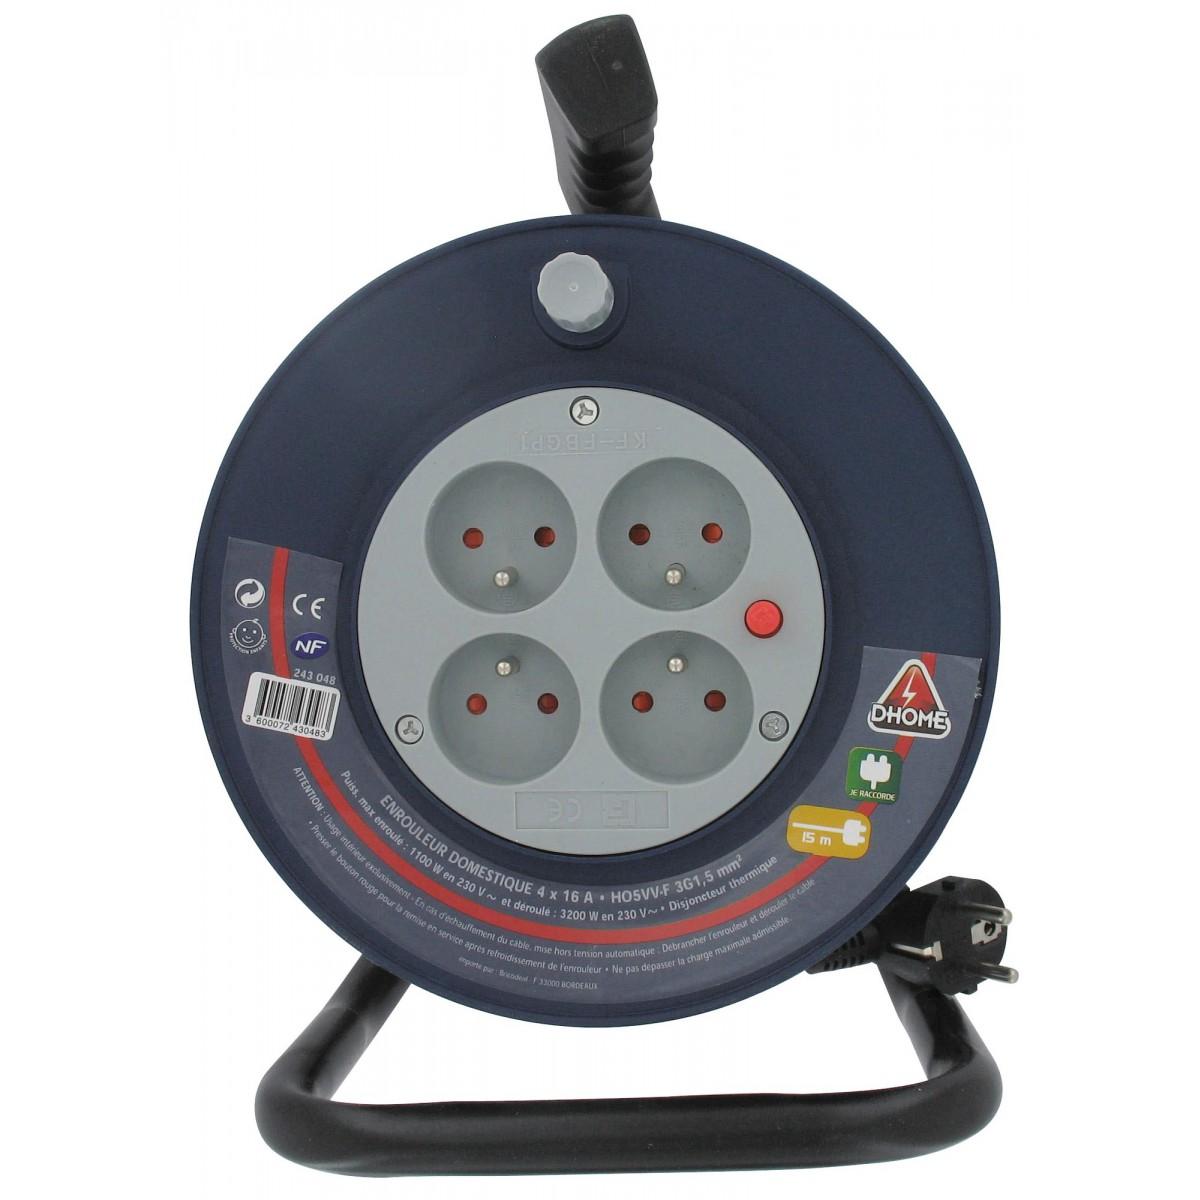 Enrouleur Baby Dhome - H05 VV-F 3G 1,5 mm² - Longueur 15 m